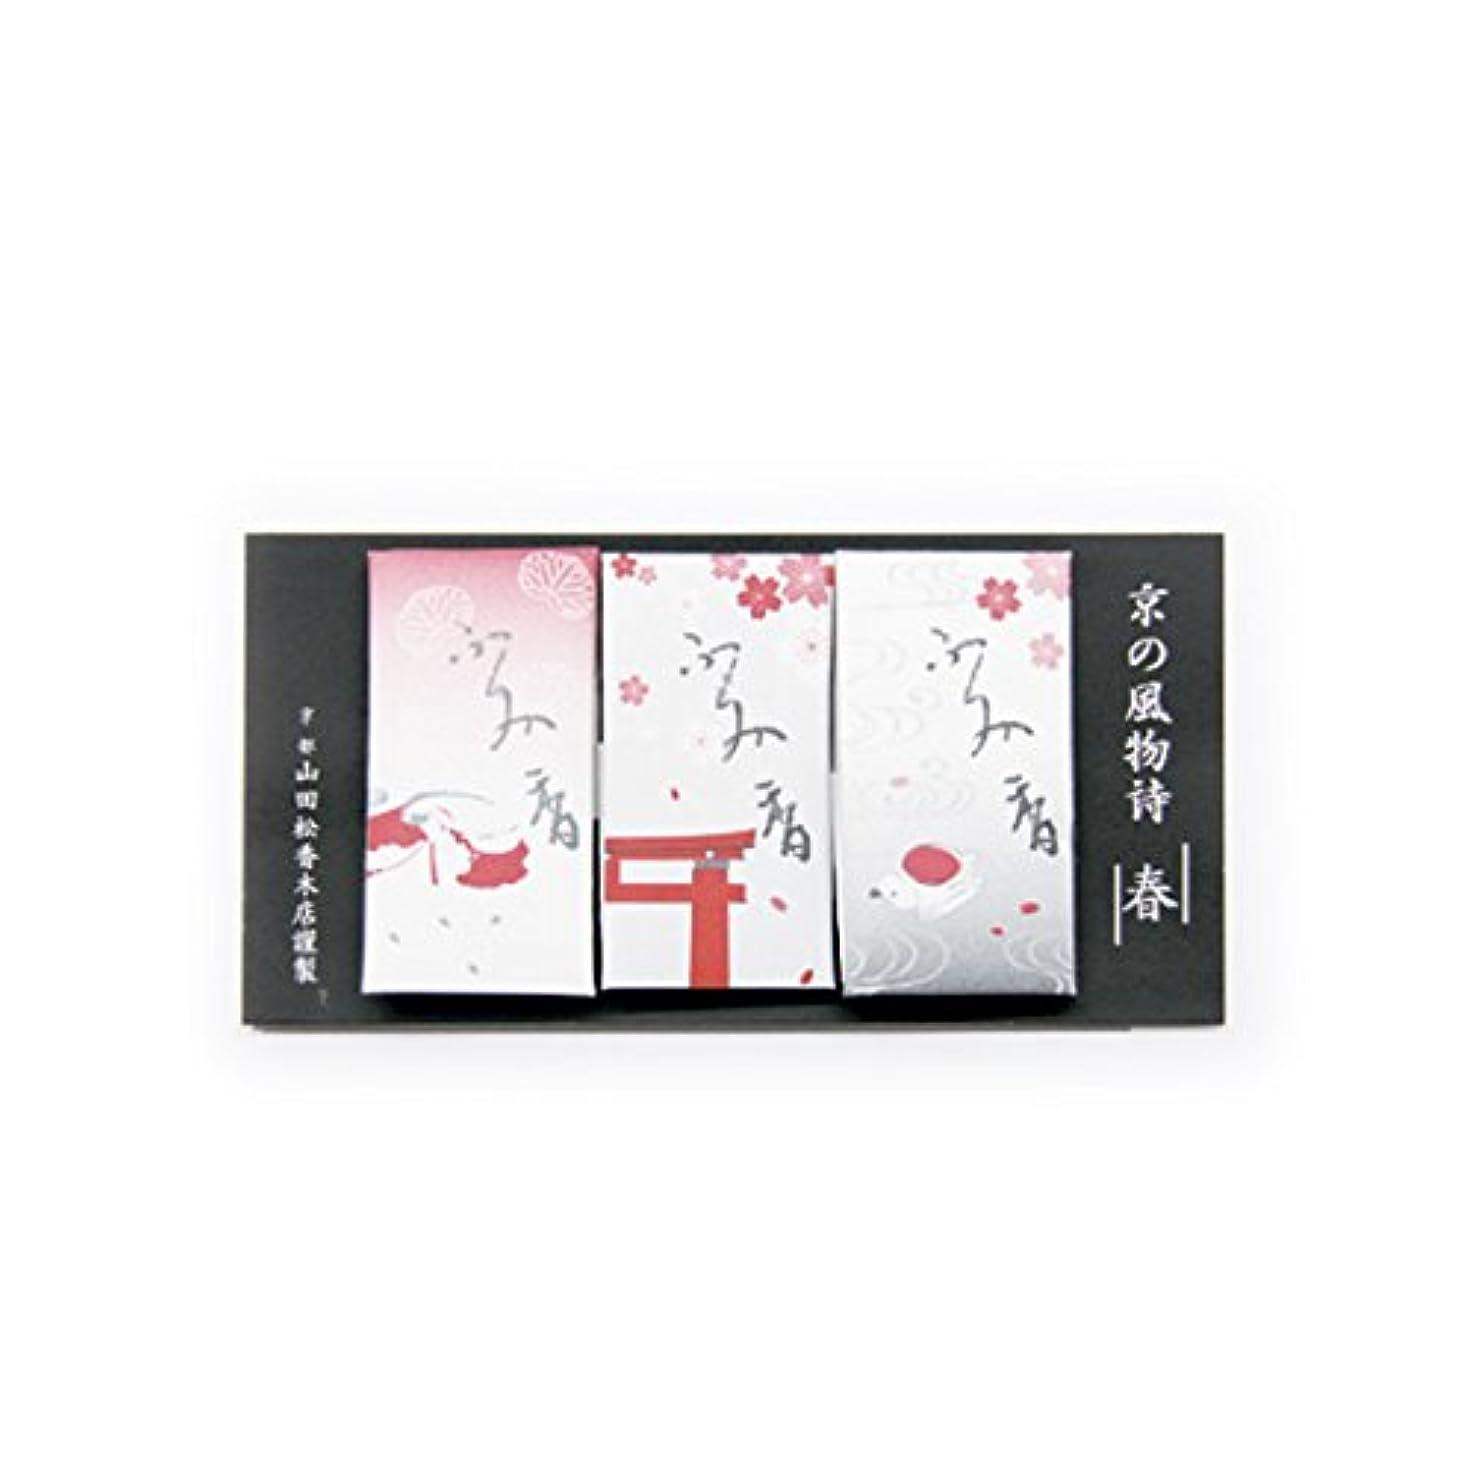 カスケードスキーハム文香 京の風物詩 春